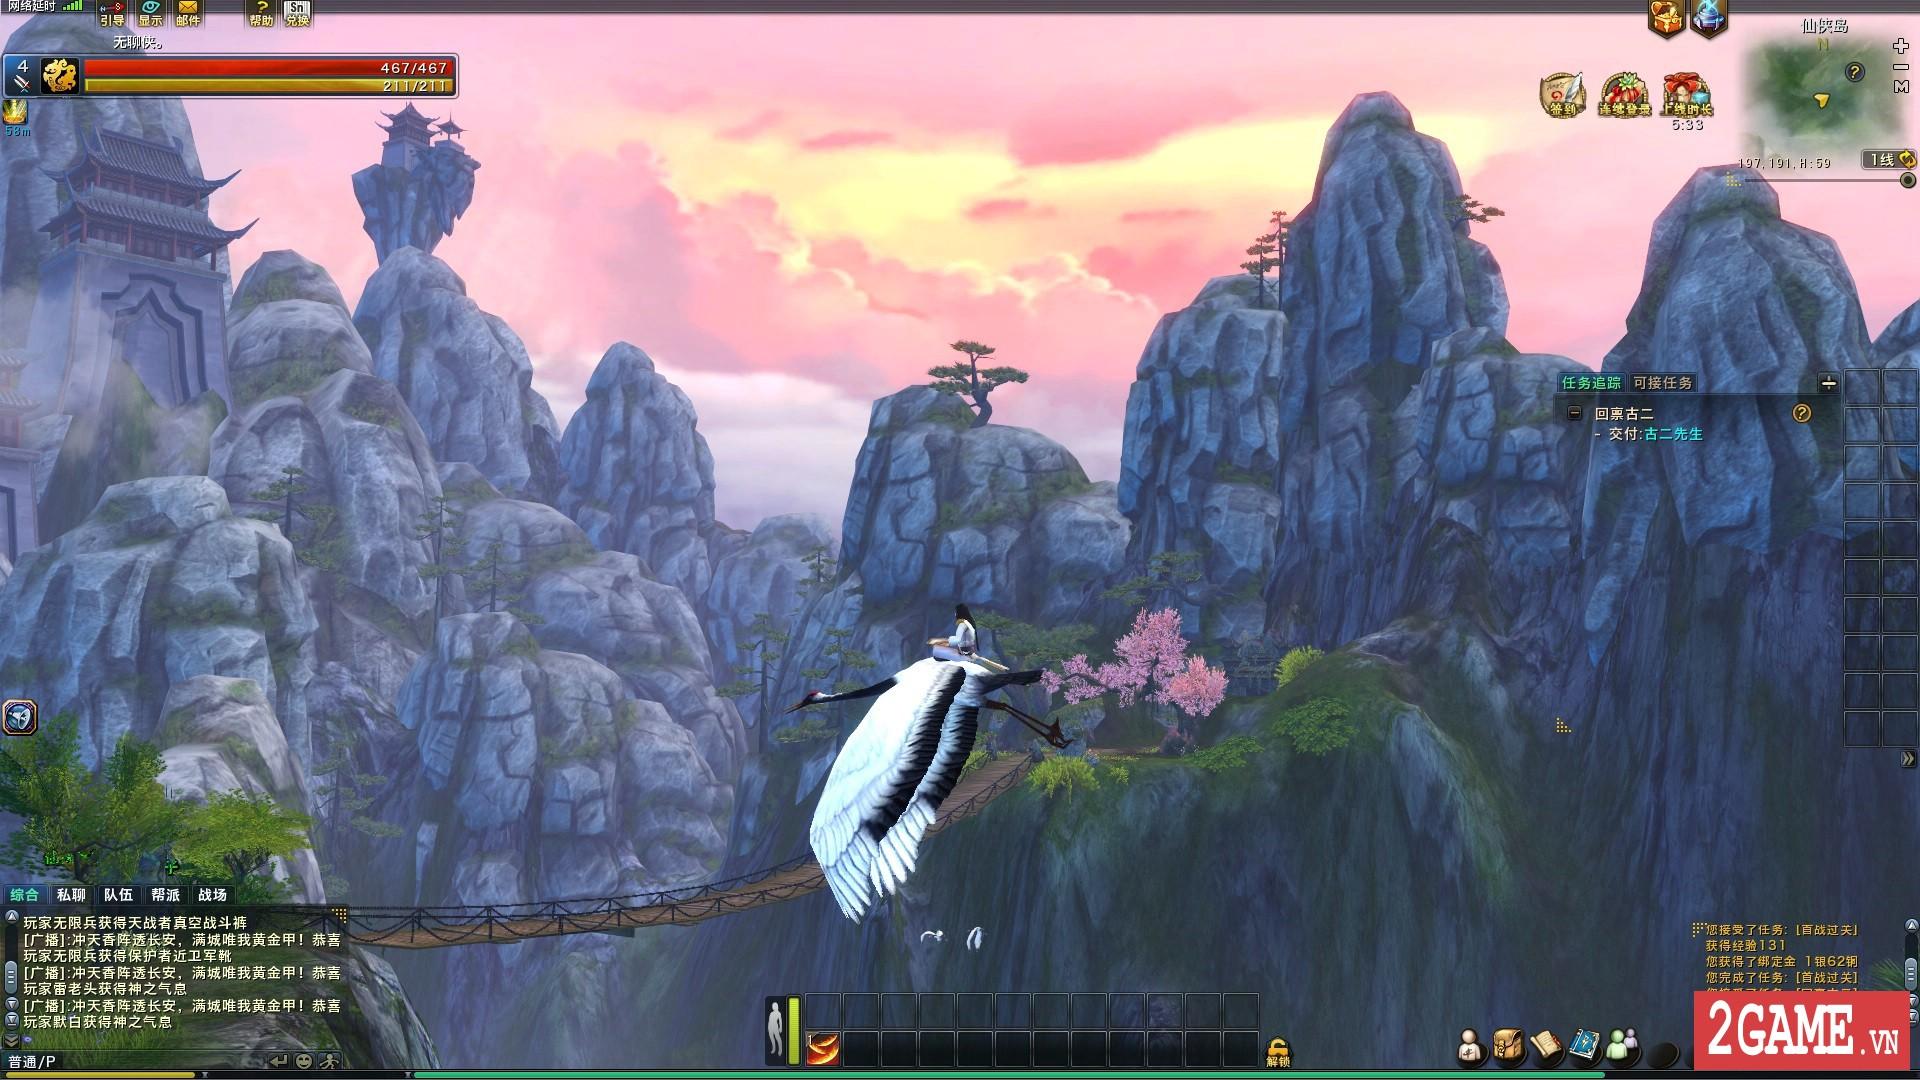 Infinite Worlds – Siêu phẩm game nhập vai với bối cảnh mới lạ chưa từng thấy 8